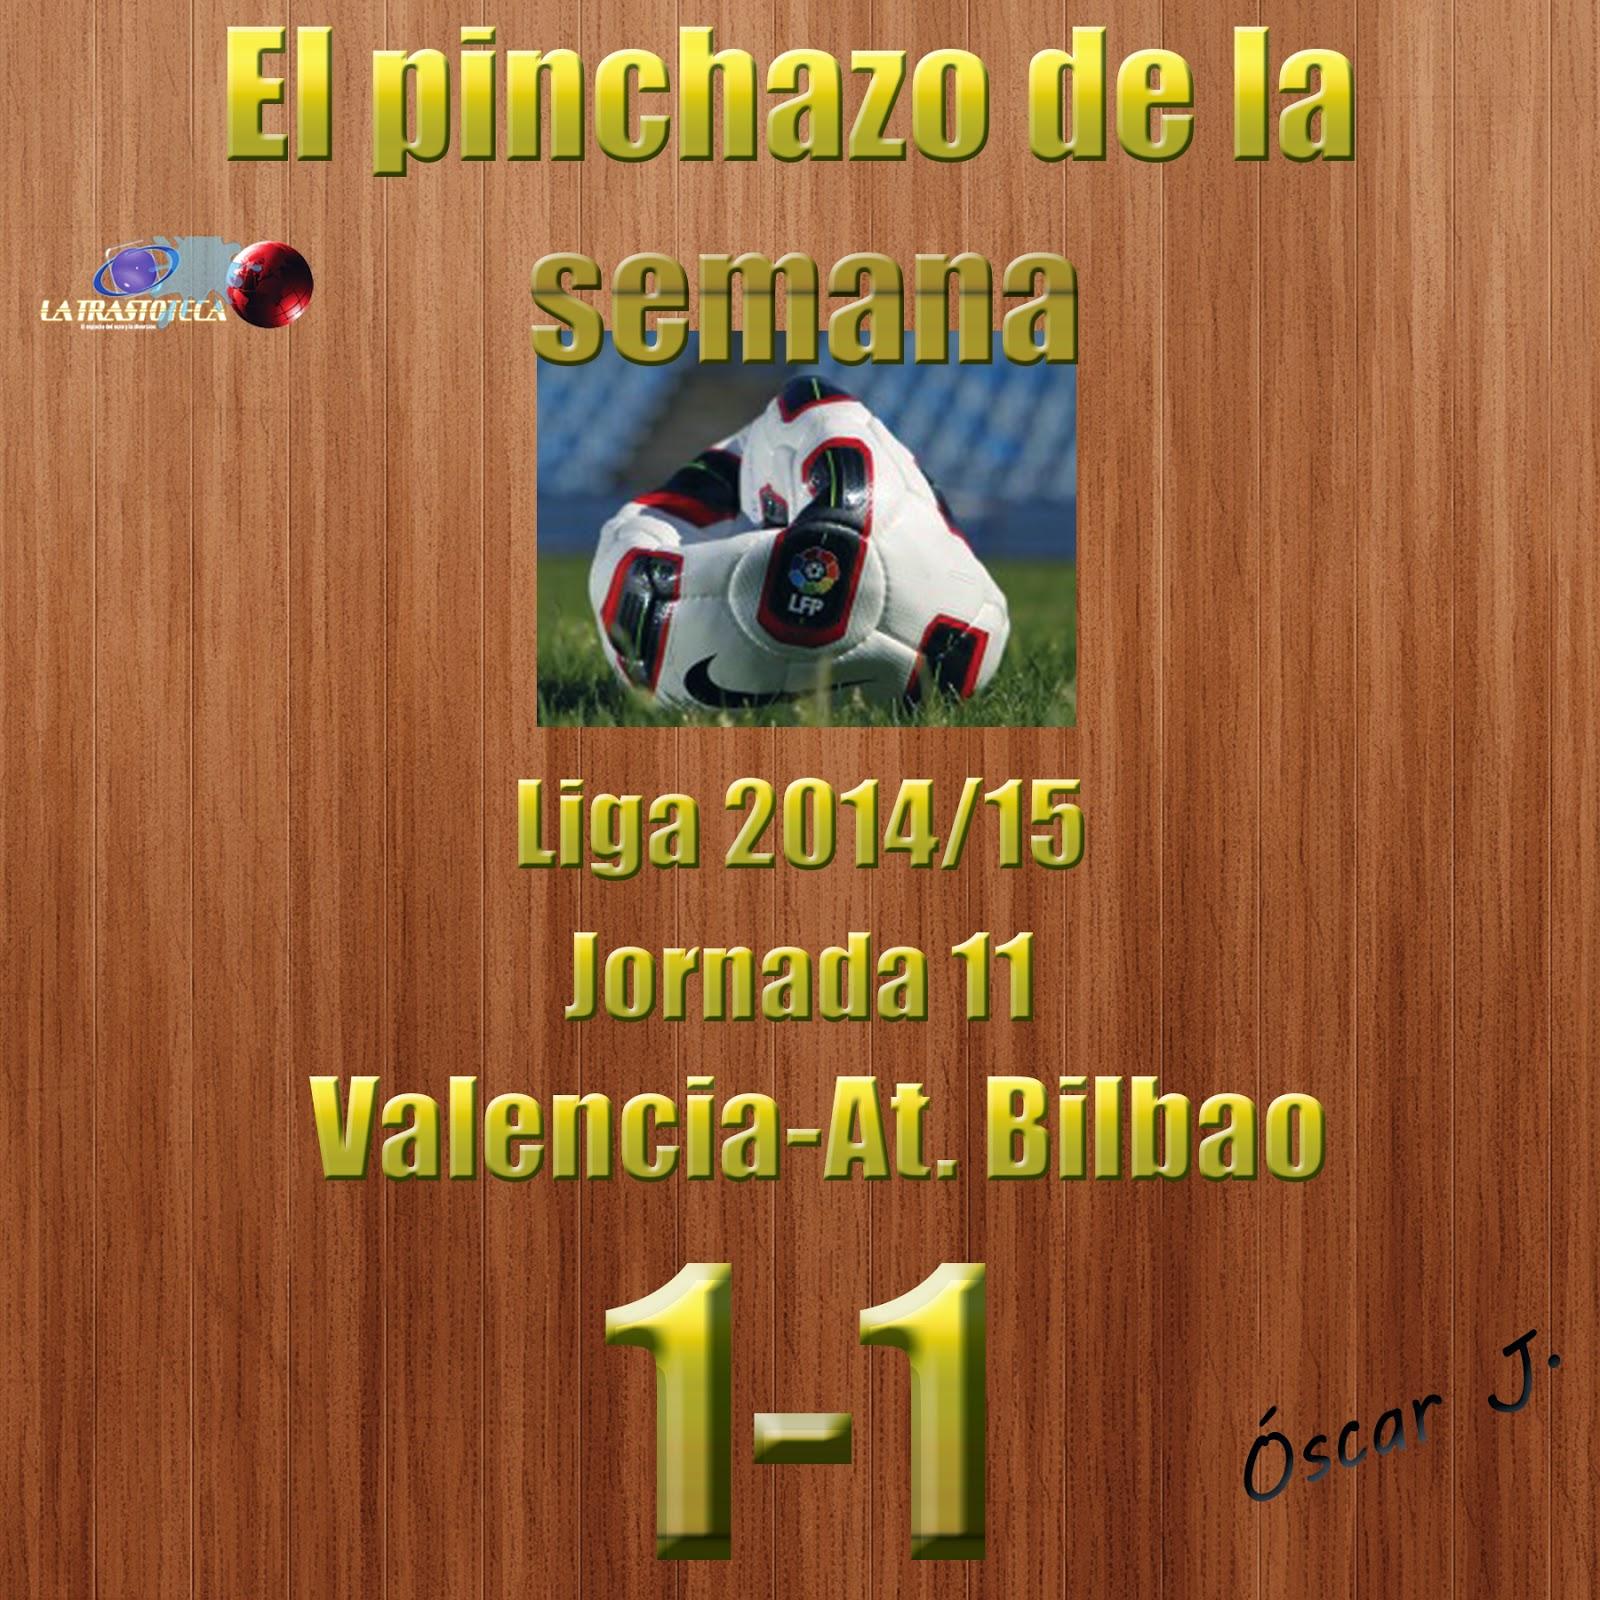 Valencia 1-1 At. Bilbao. Liga 2014/15 - Jornada 11. El pinchazo de la semana.